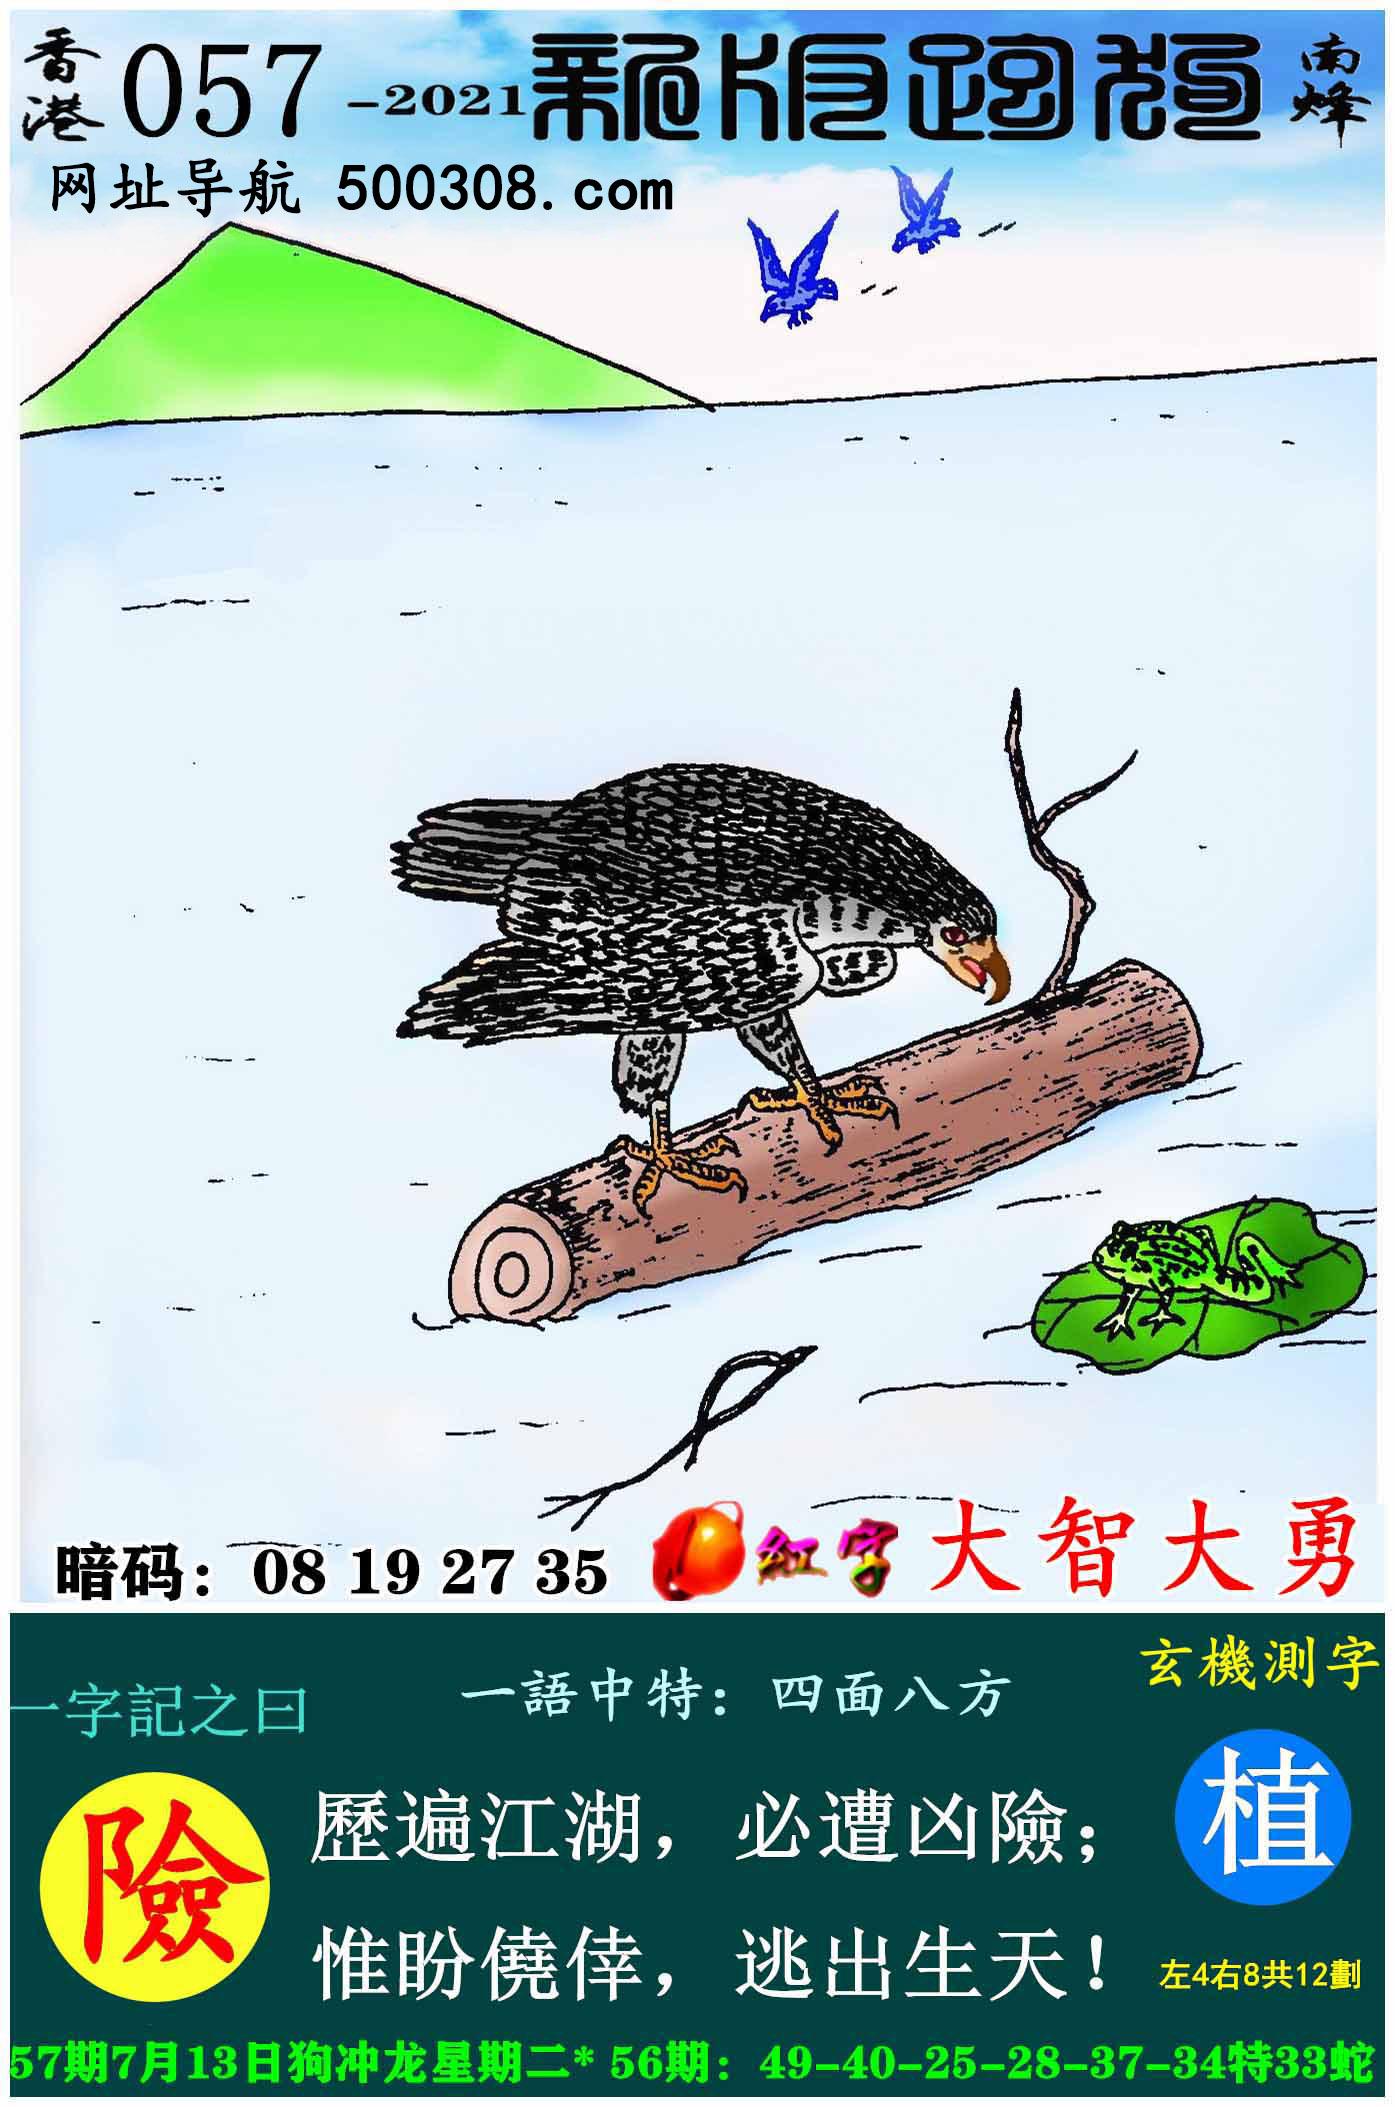 057期跑狗一字�之曰:【�U】 �v遍江湖,必逢�措U;惟盼�e��,逃出生天!